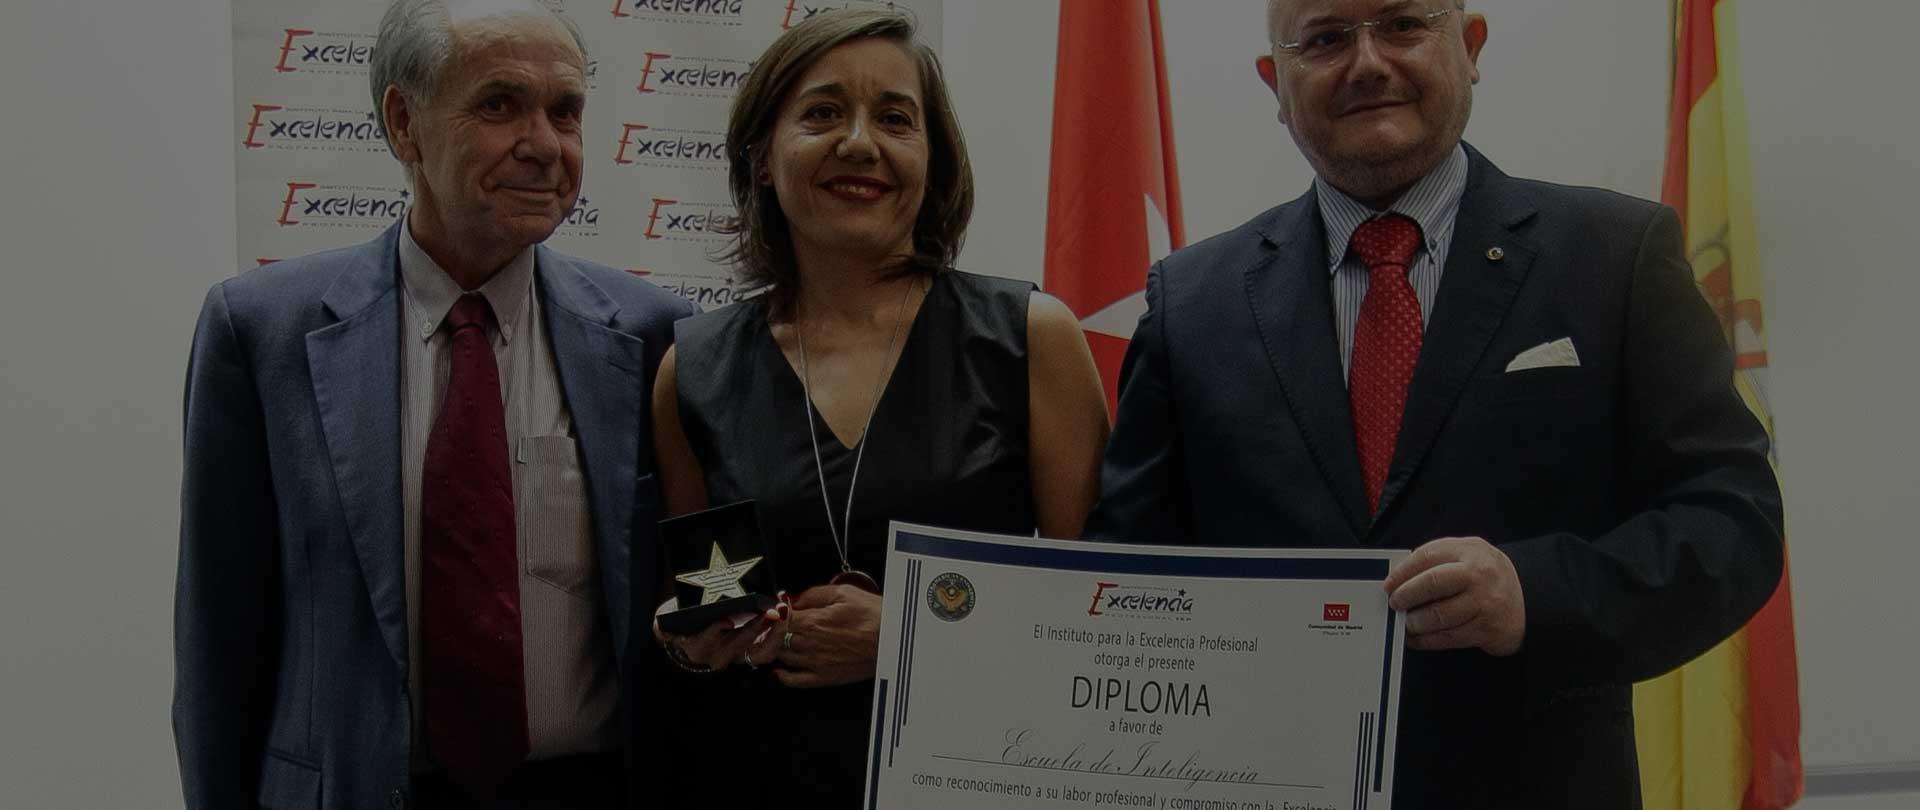 Premio a la excelencia profesional 2017